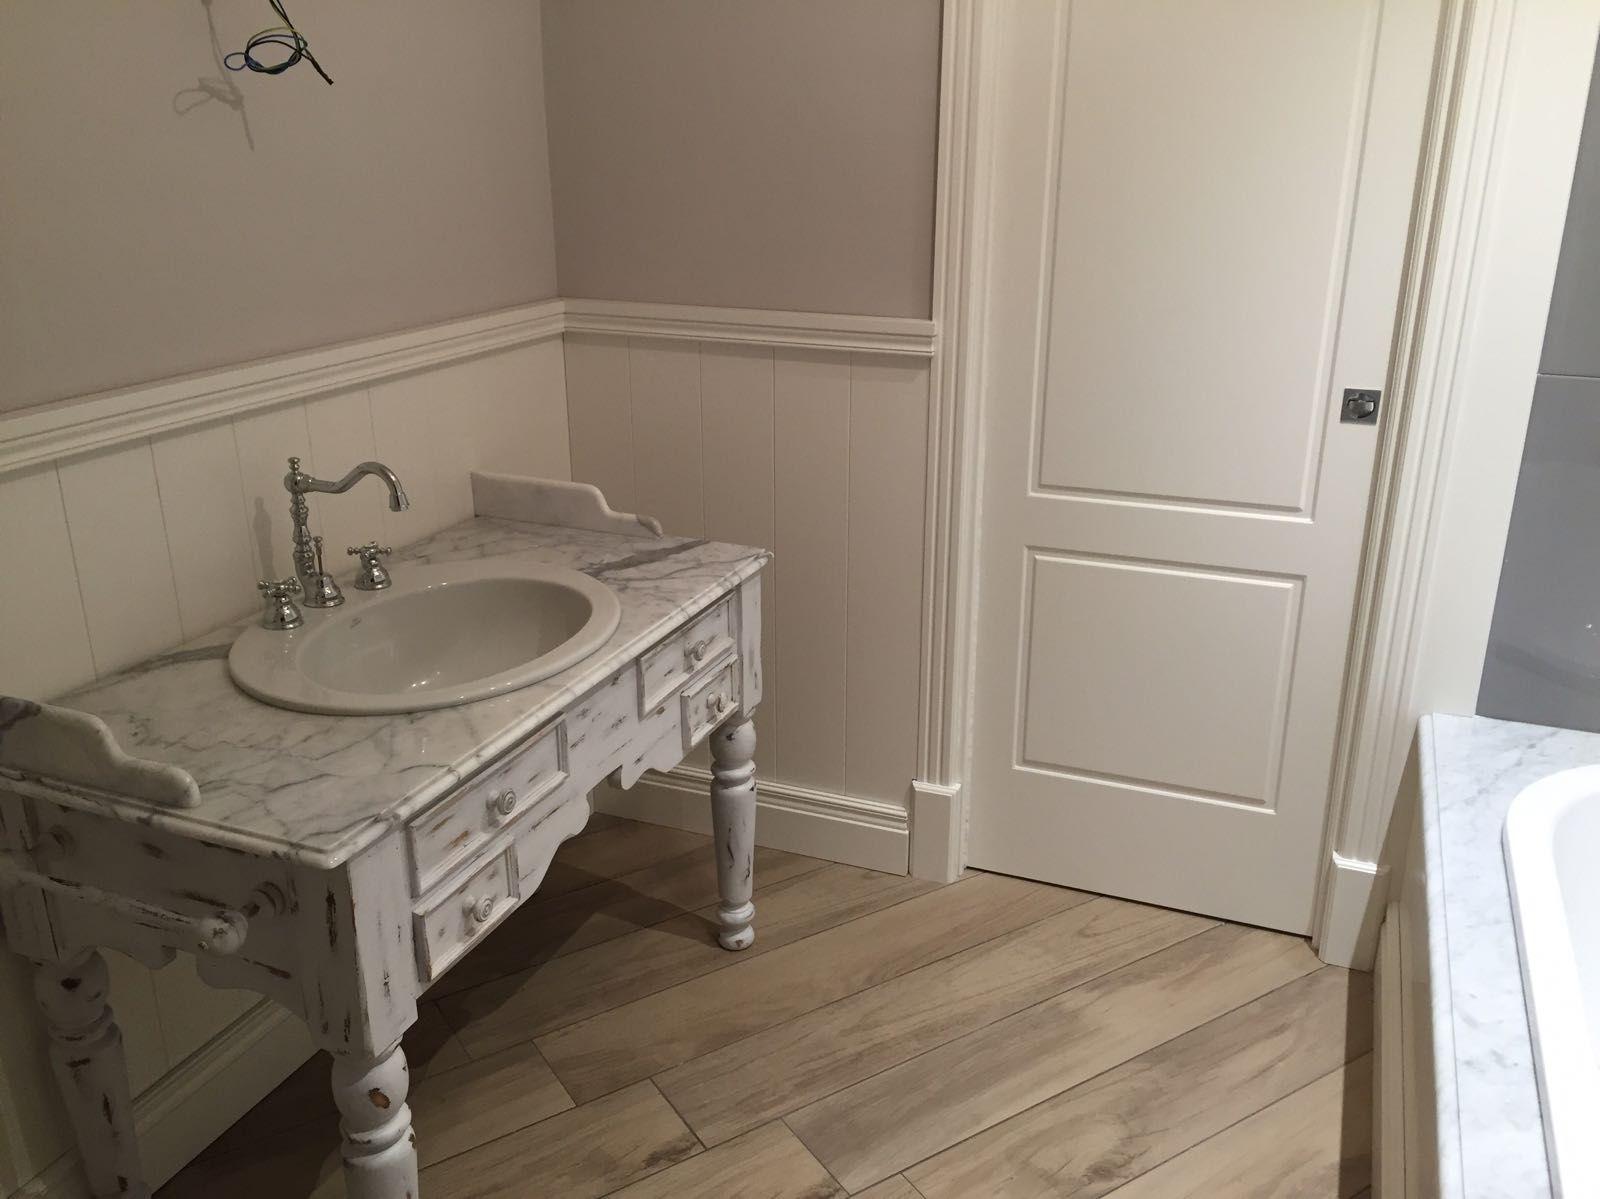 Bagno Progetto ~ Progetto bagno novità itlas due mensole e due colonne bathroom